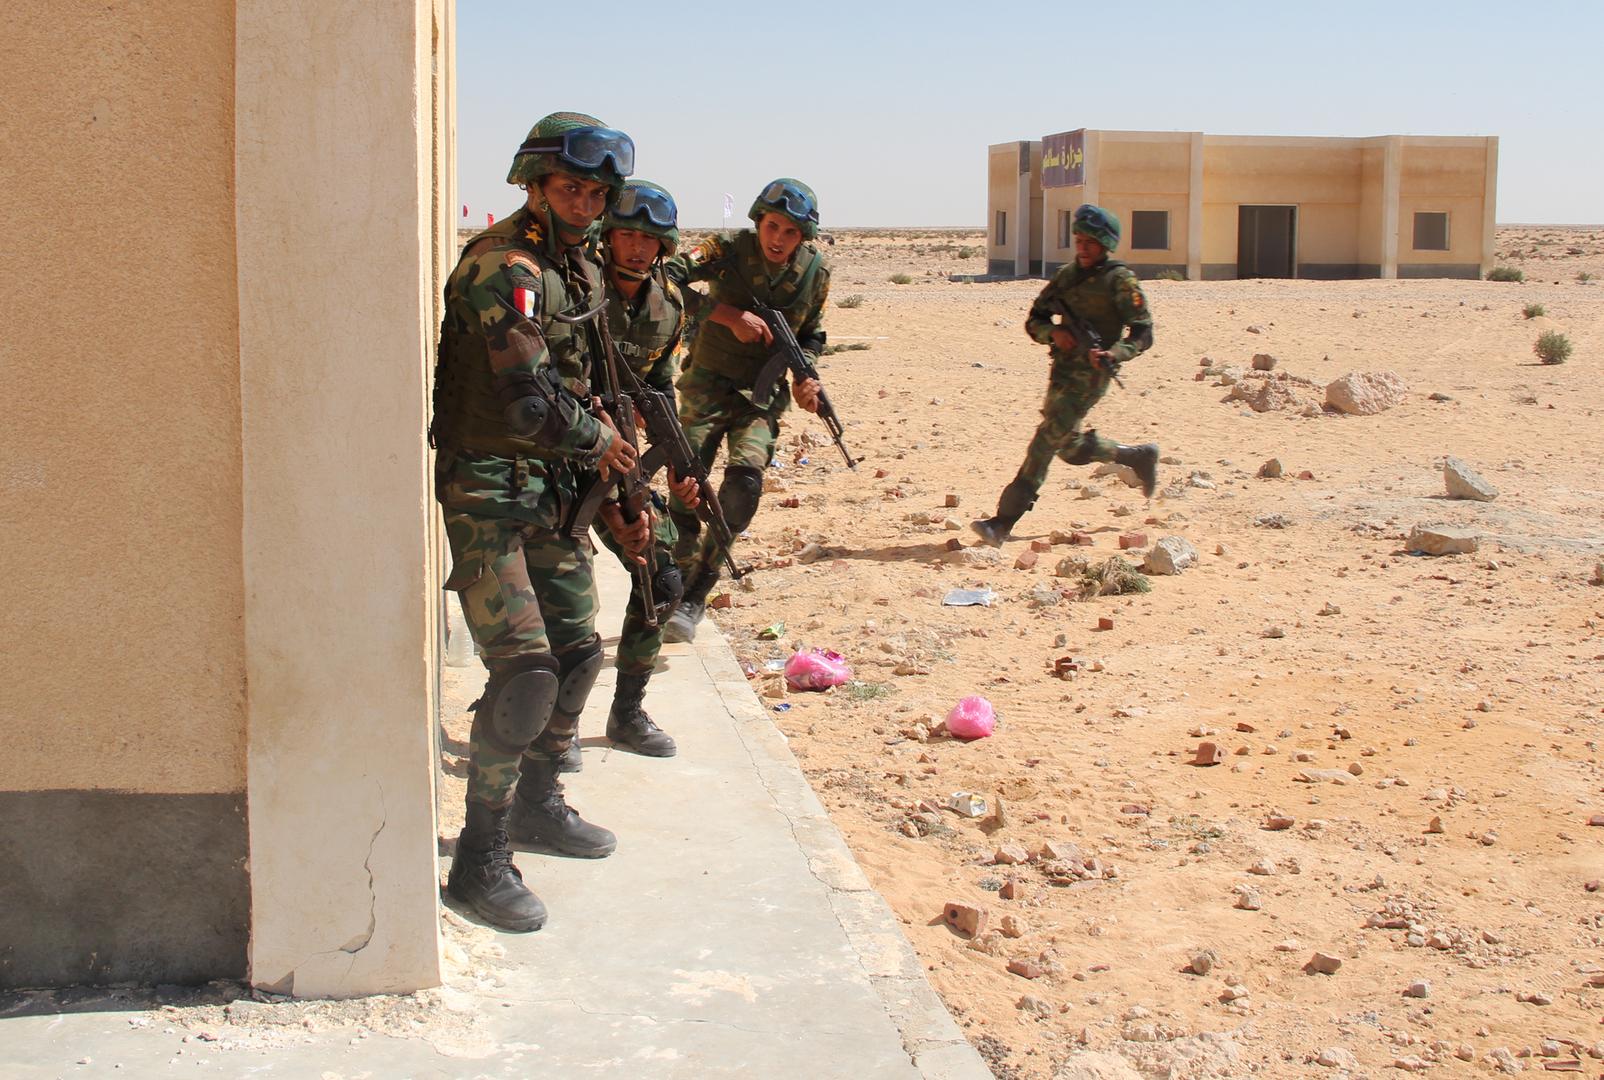 مواصفات قوية لسلاح روسي أردني مدمر في الجيش المصري (فيديو)